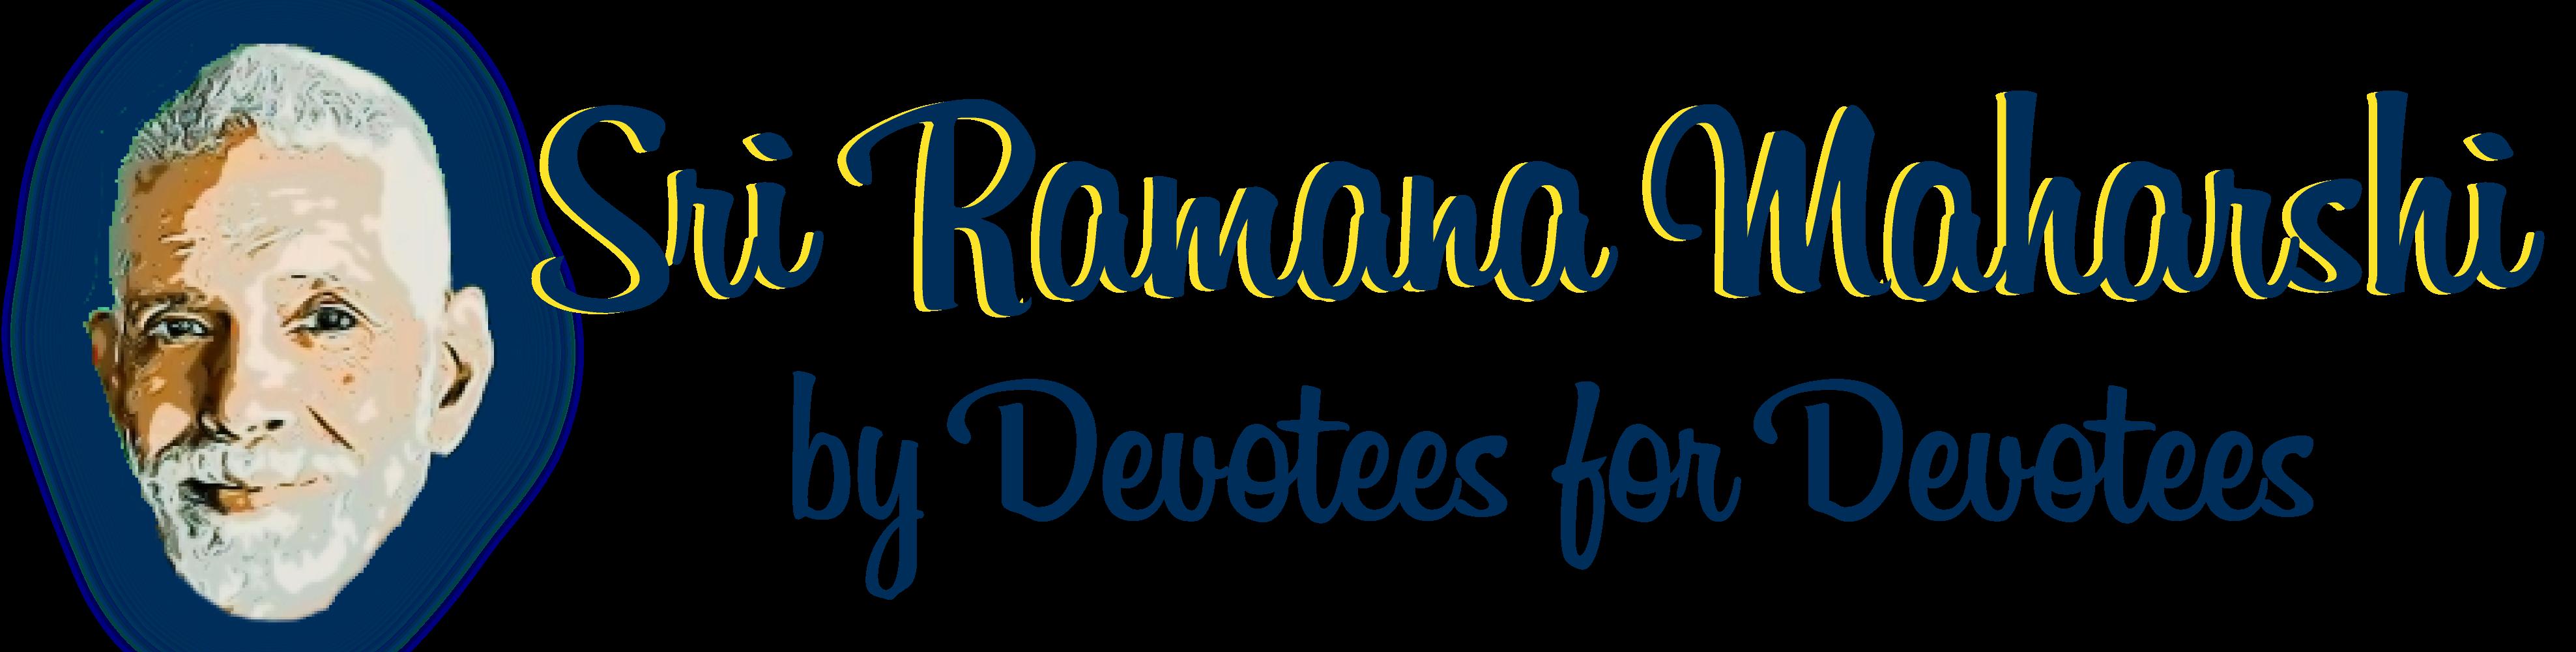 BHAGAVAN SRI RAMANA MAHARISHI